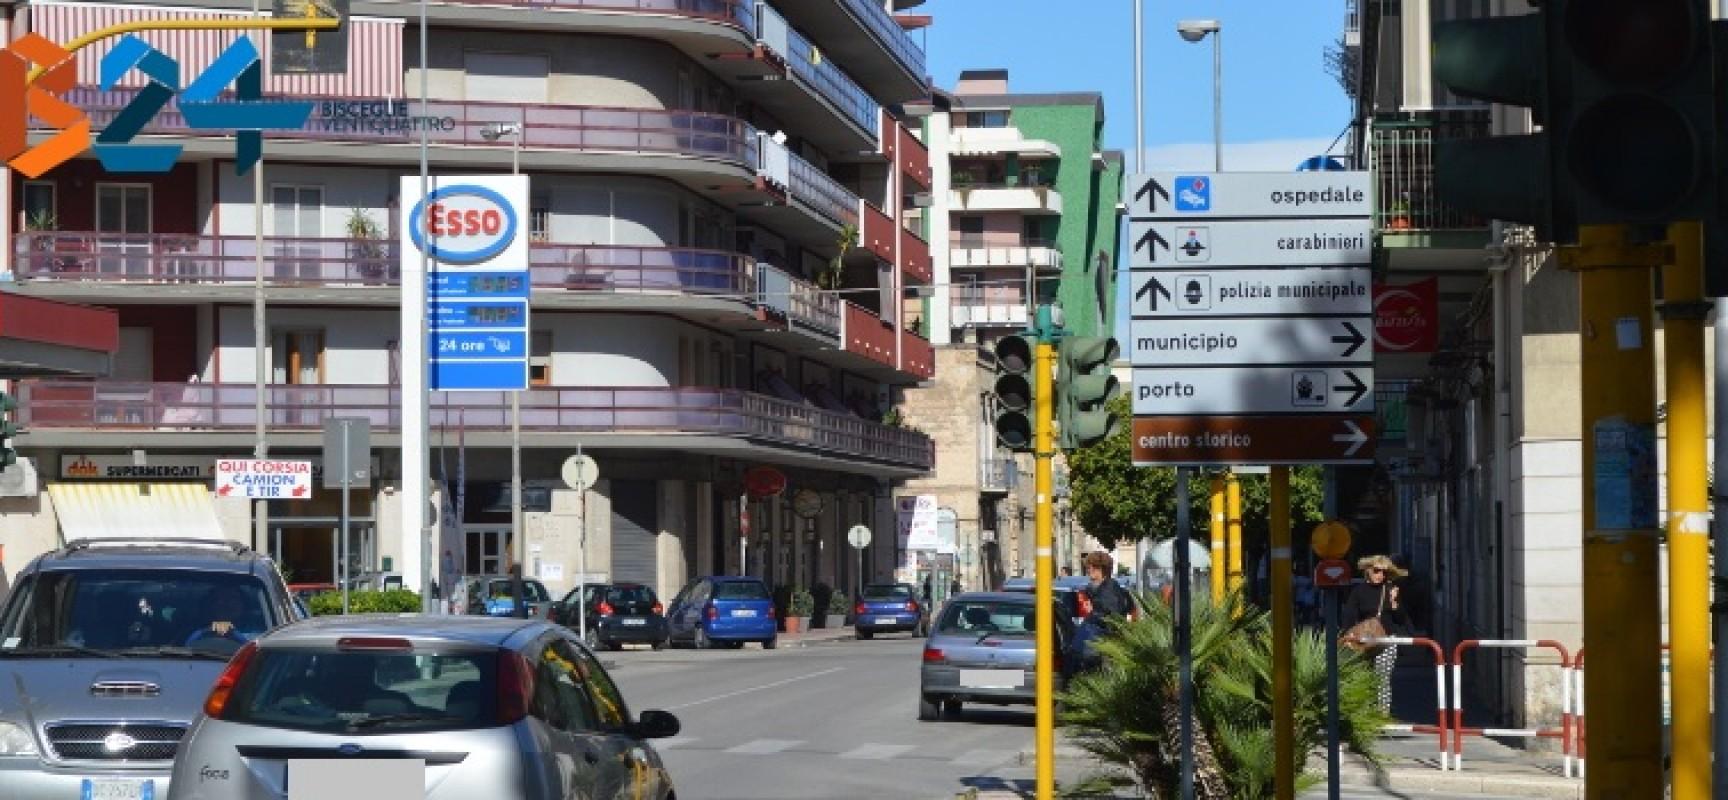 Approvato nonostante le perplessità lo schema di contratto per la manutenzione dei semafori